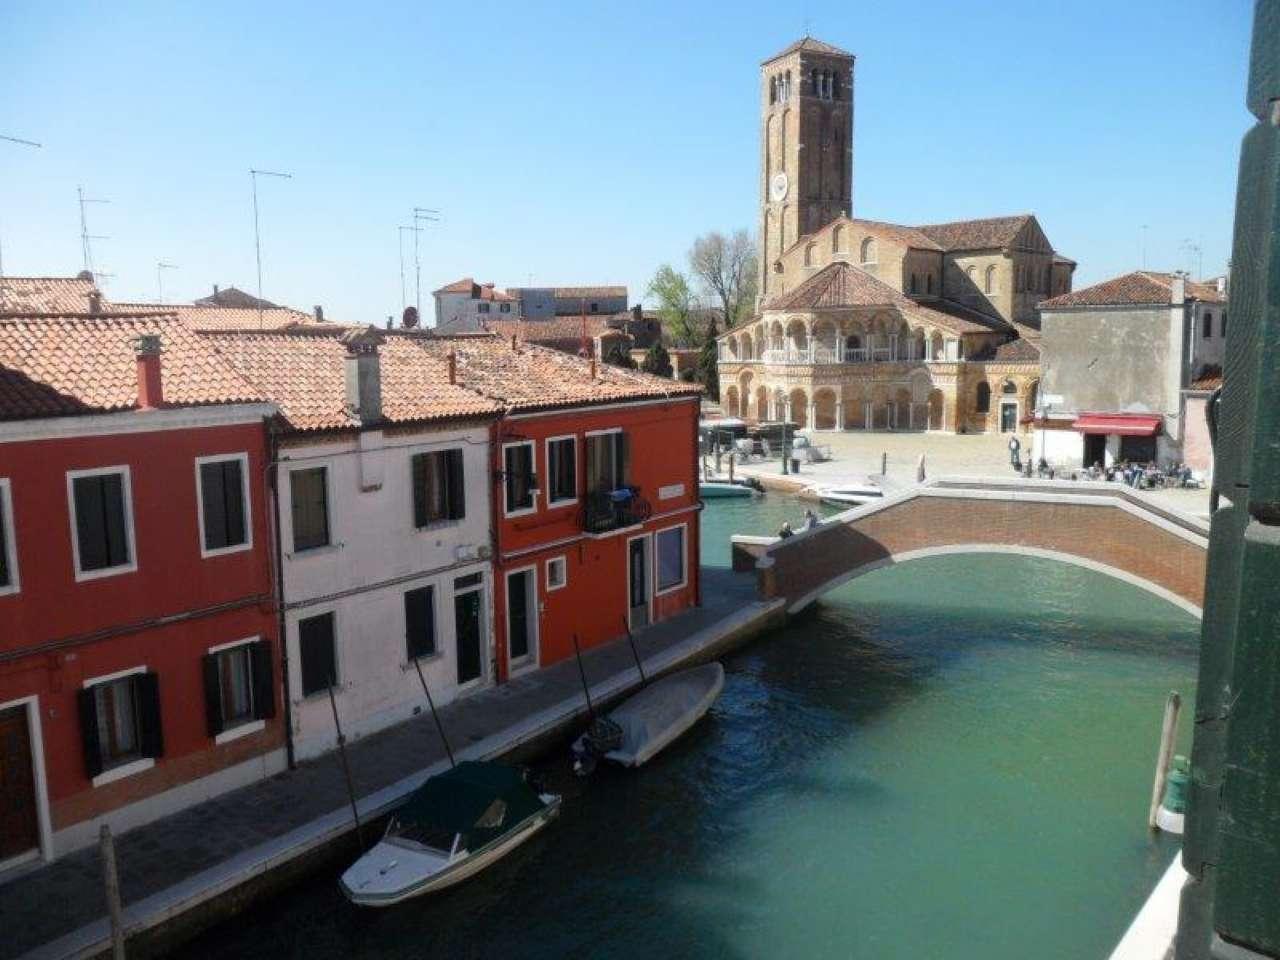 Appartamento in vendita a Venezia, 9999 locali, zona Zona: 9 . Murano, prezzo € 369.000 | Cambio Casa.it